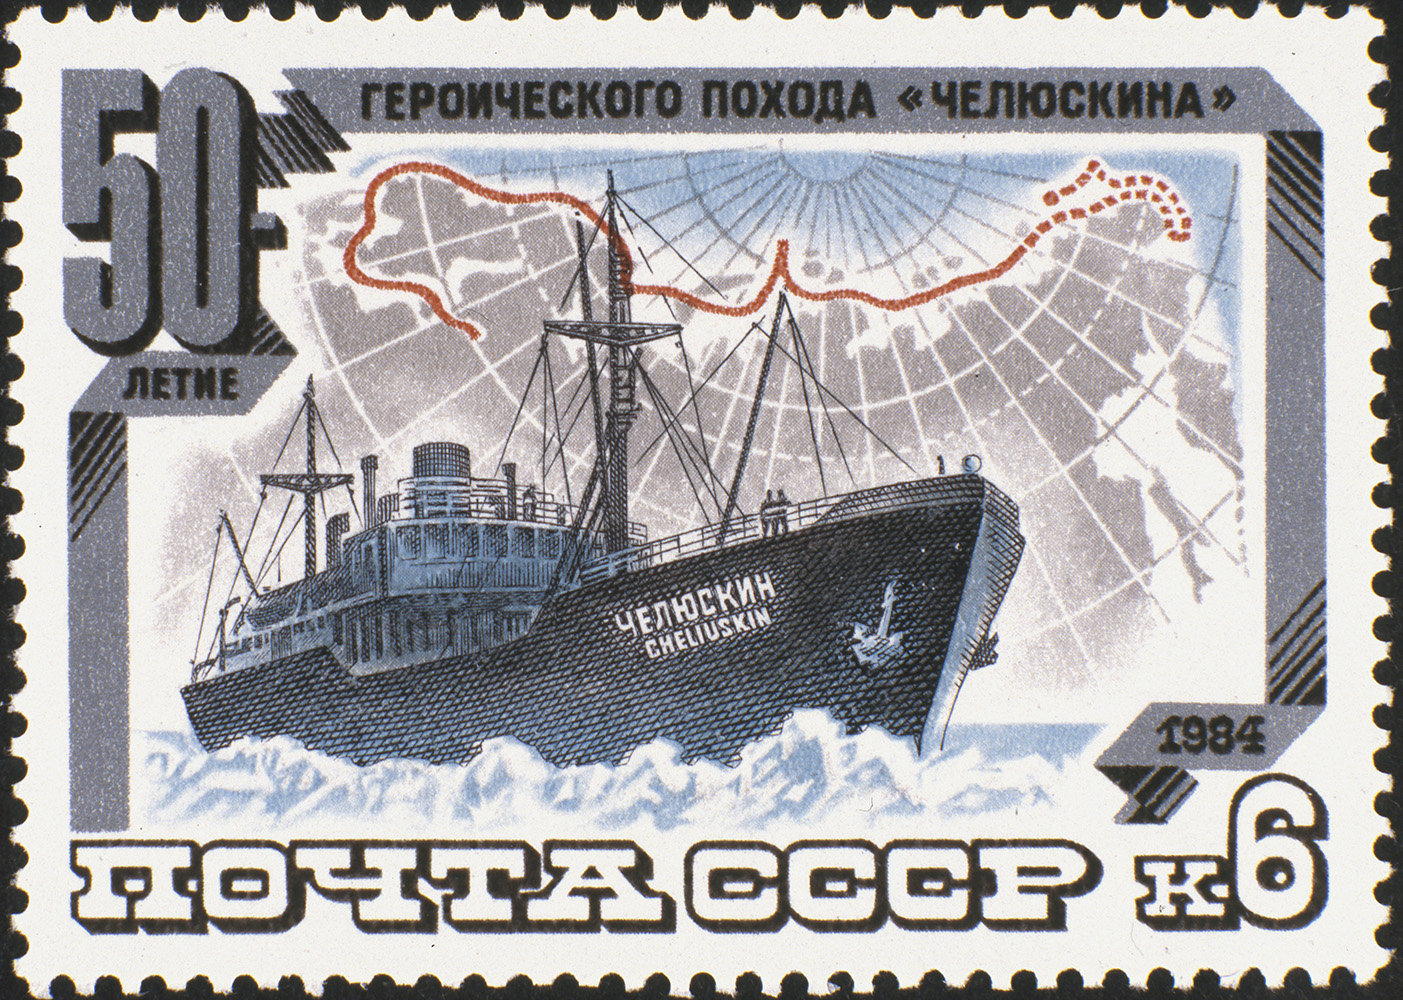 Почтовая марка «50-летие героического похода «Челюскина». 1984 год. Репродукция